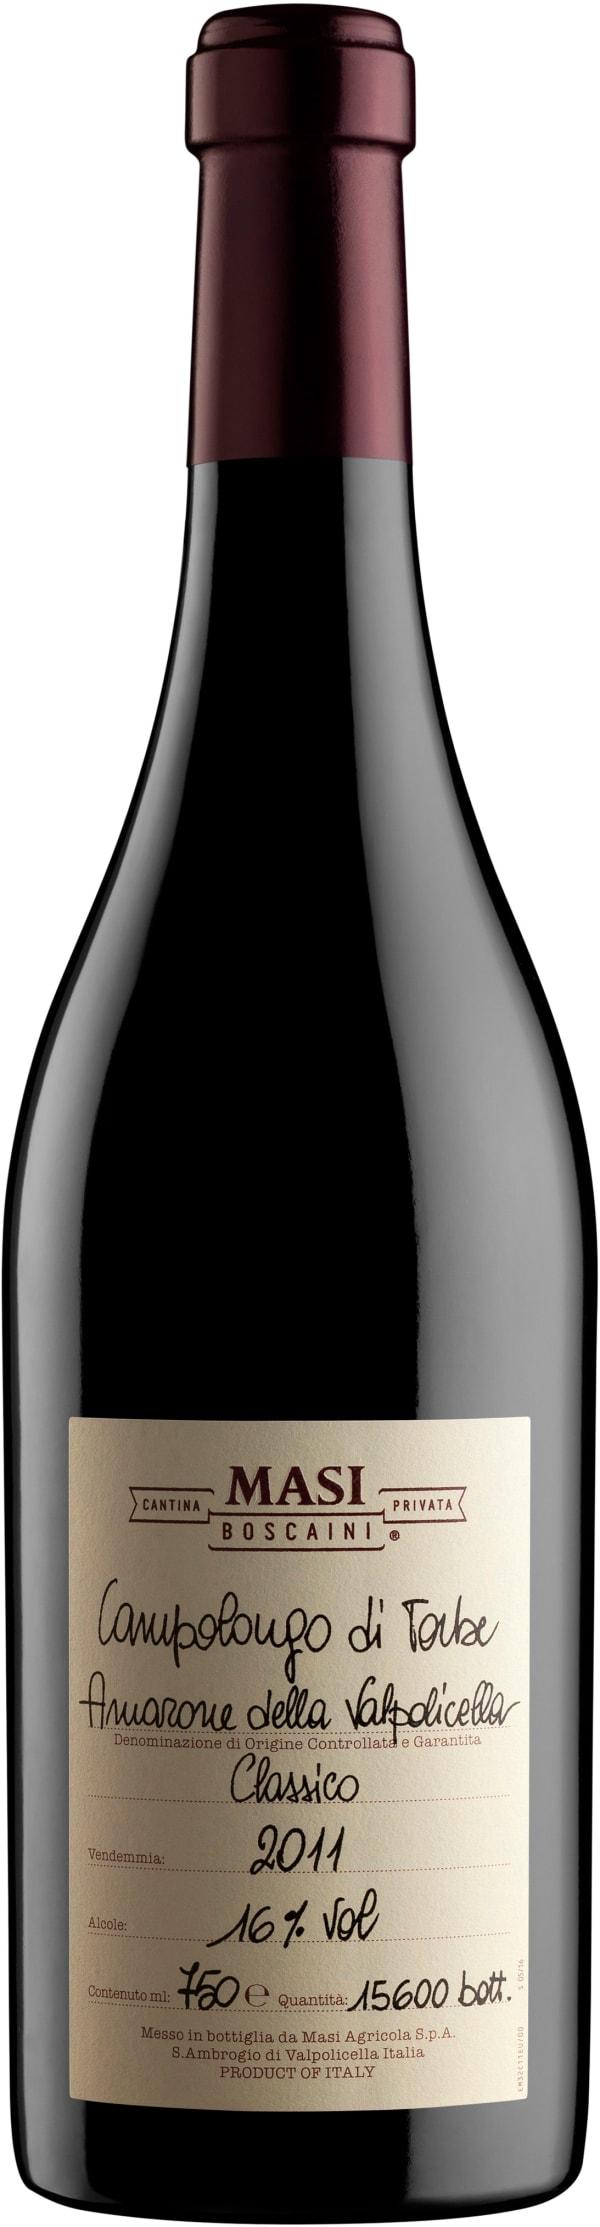 Masi Campolongo di Torbe Amarone della Valpolicella Classico 2011